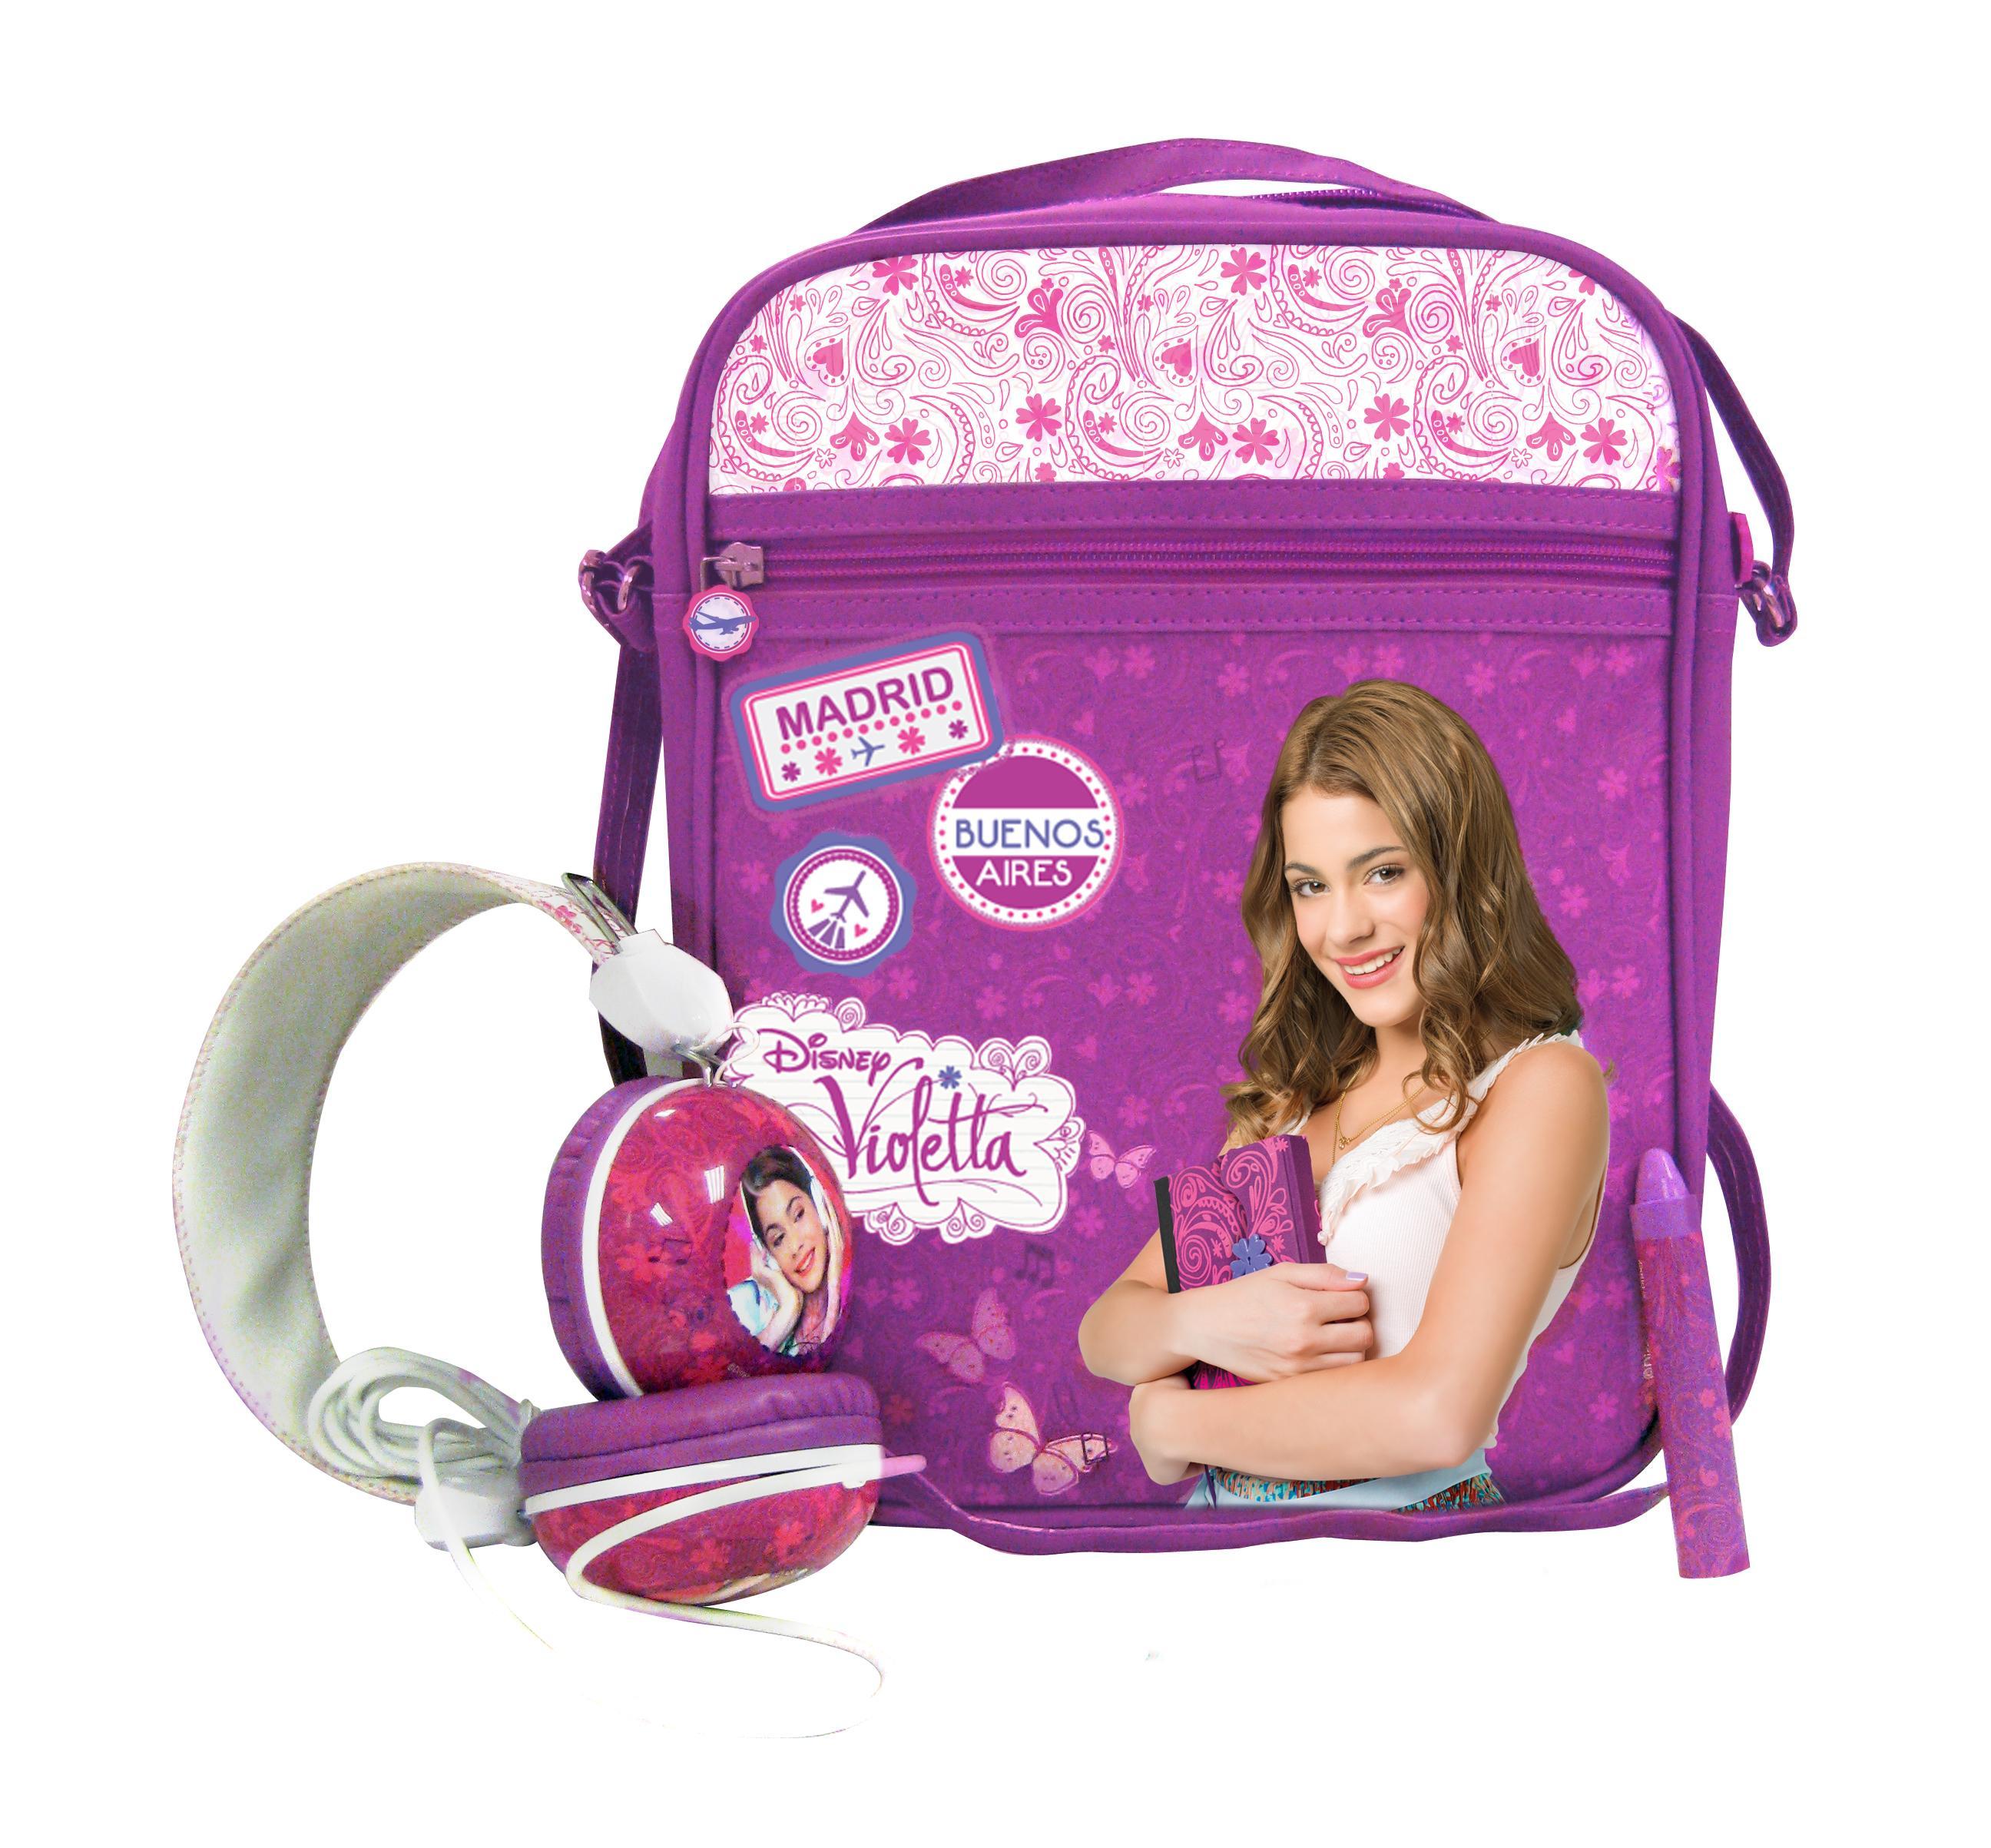 Jeu violetta - Jeux gratuits de violetta ...